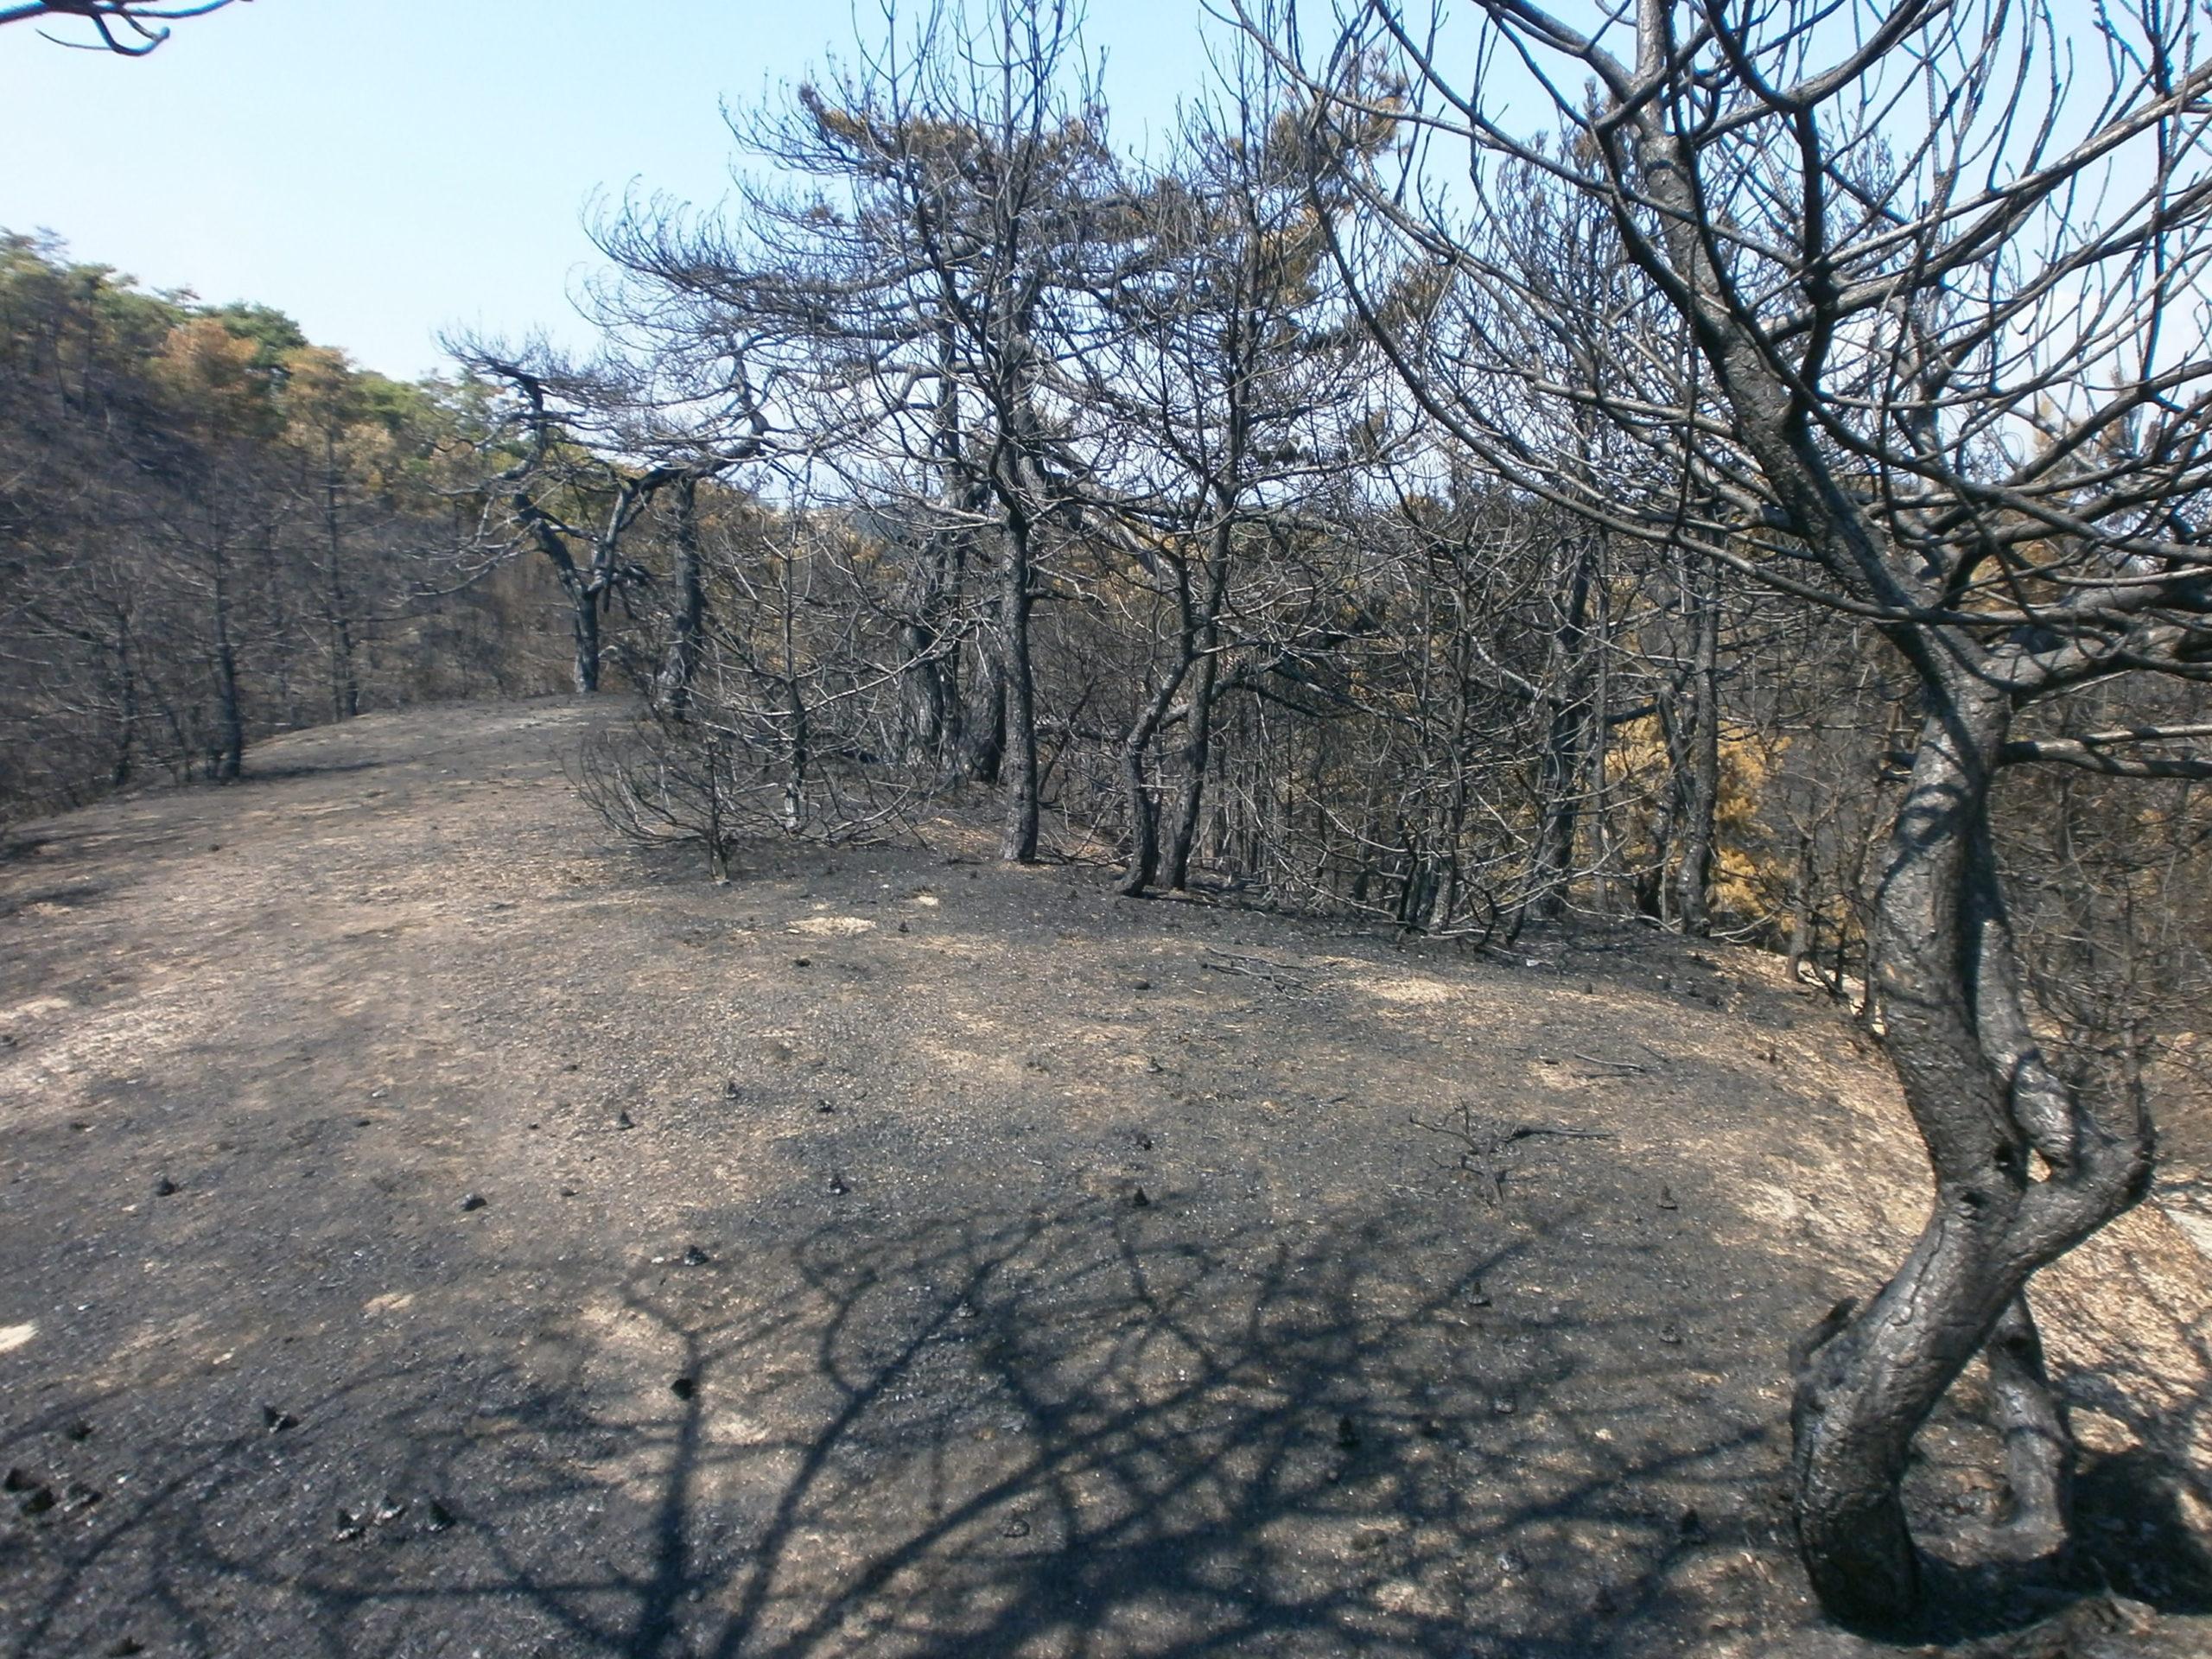 جزء من جبل إلينيكا في مقدونيا الشمالية خلال حرائق الغابات عام 2012.